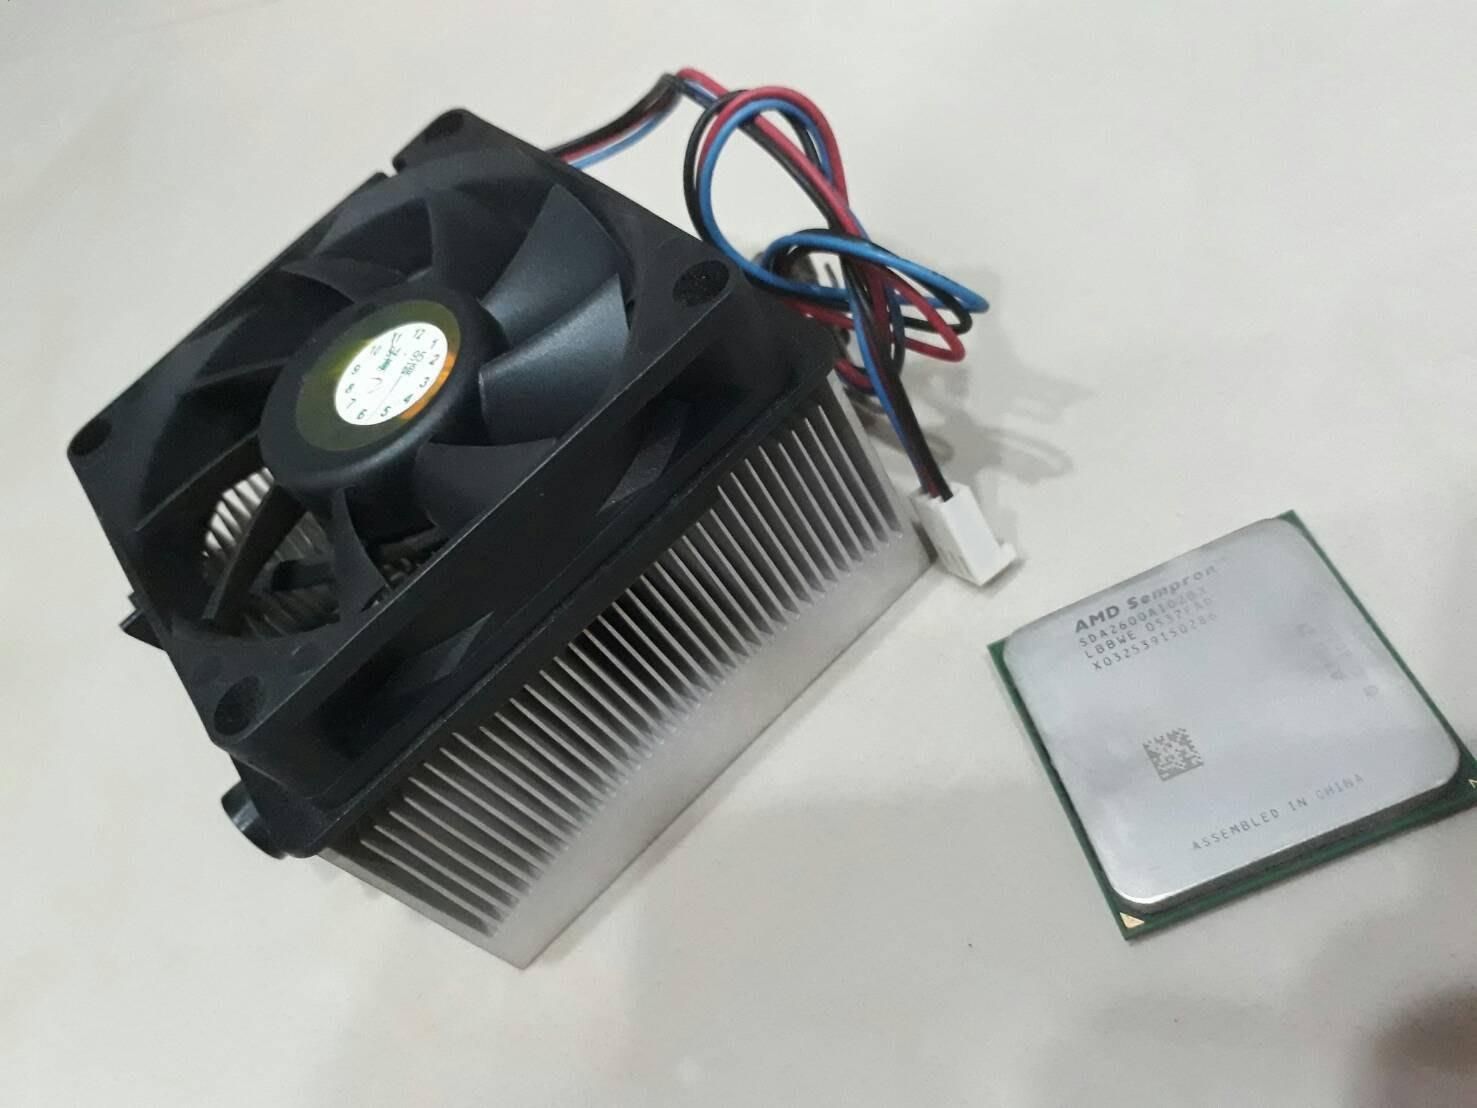 台中,太平,大里電腦維修 - 中古 AMD 754 2600+ (CPU + 風扇/限自取)